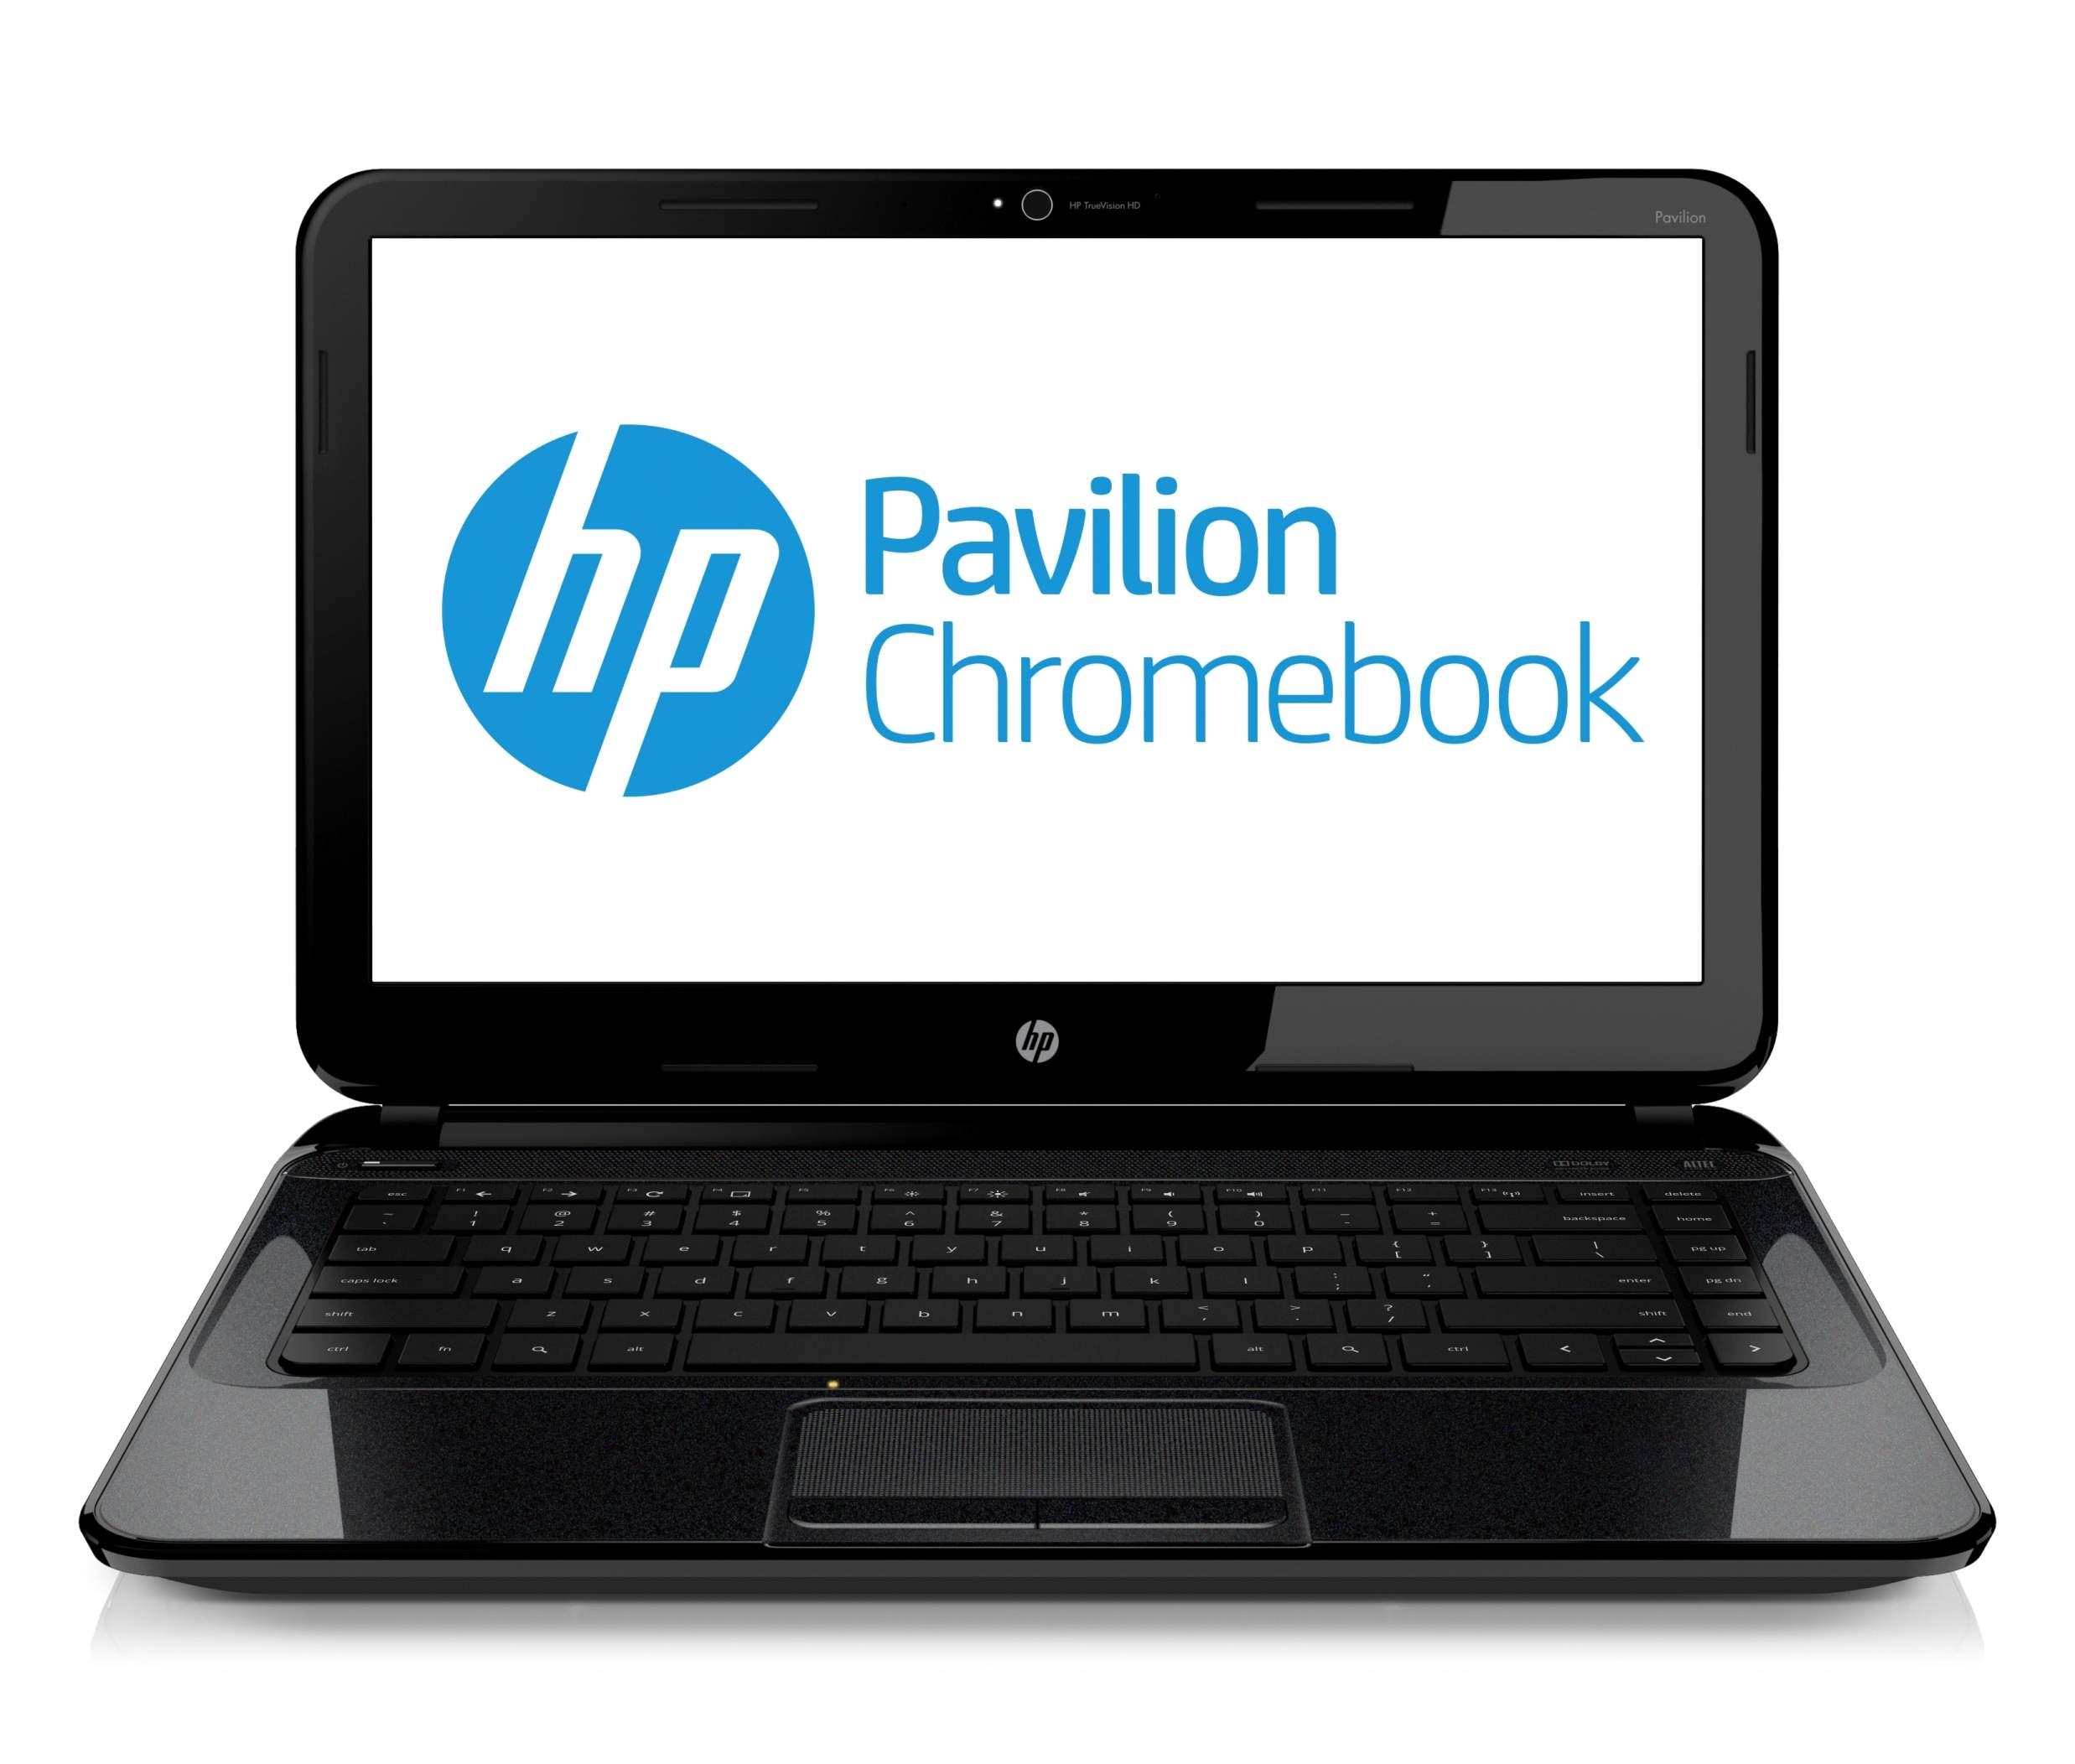 Press Release: HP Unveils Pavilion 14 Chromebook